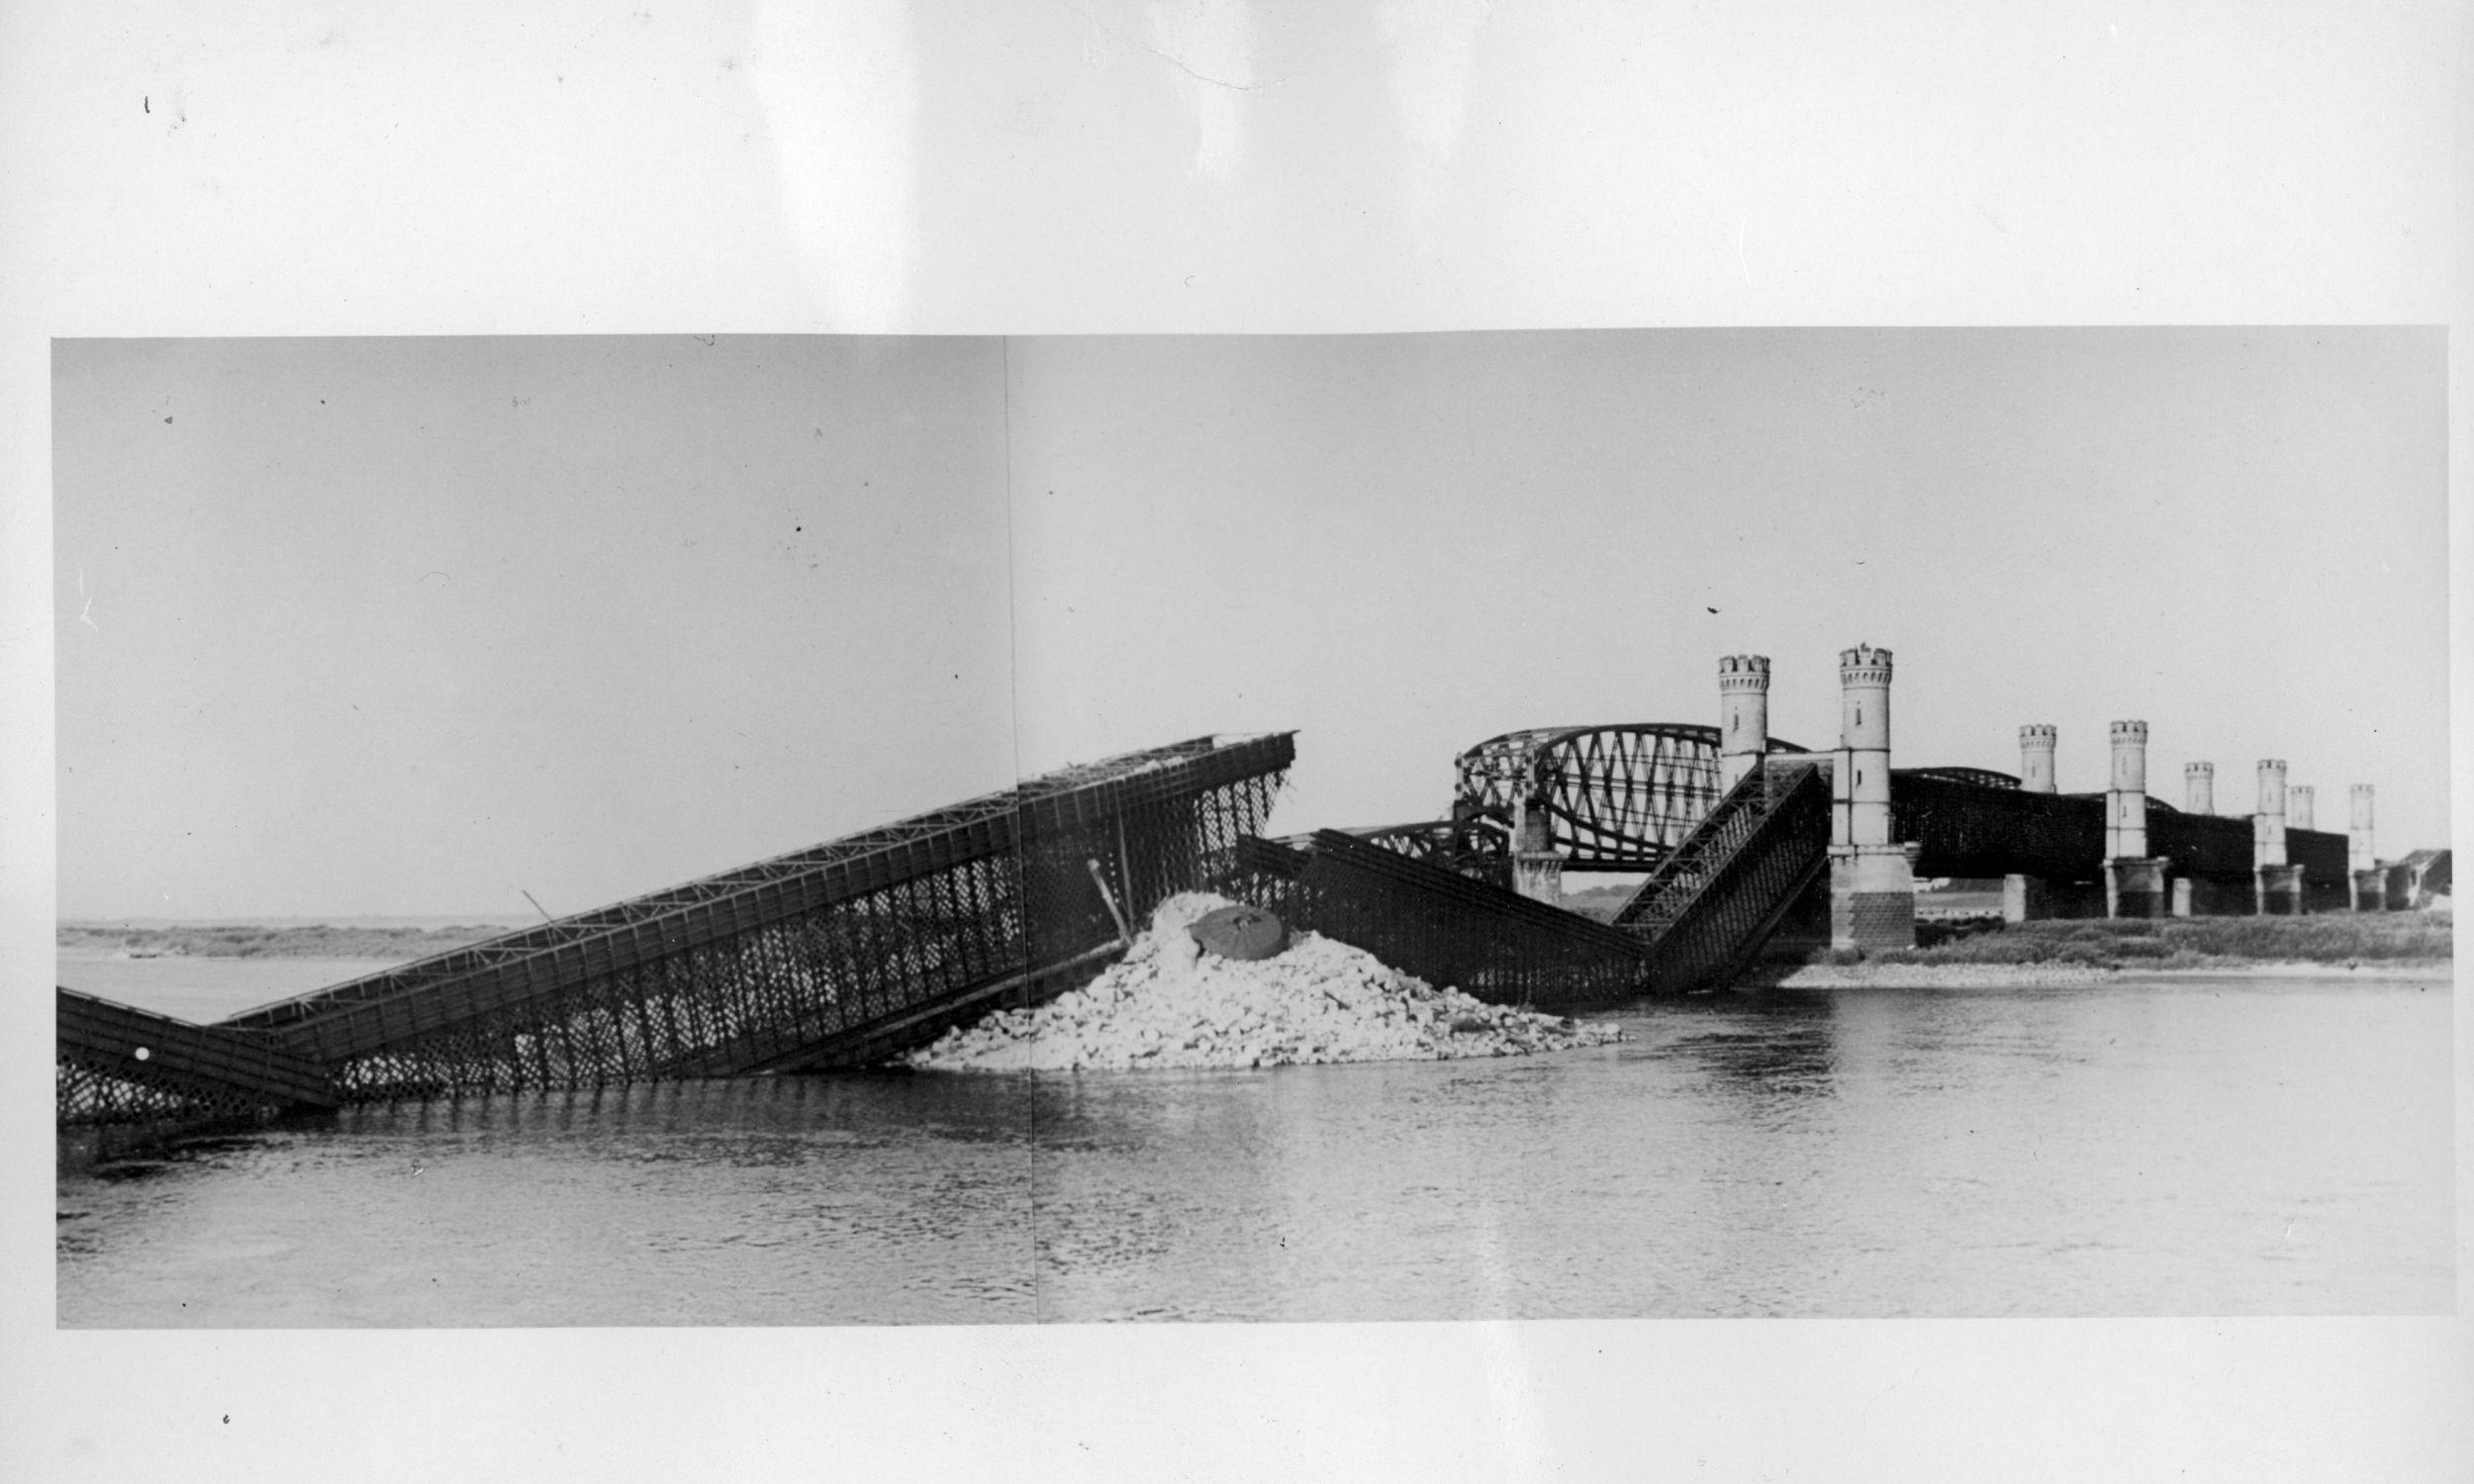 Wrzesień 1939. Wysadzony przez wojska polskie most kolejowy na Wiśle. Fot. NAC